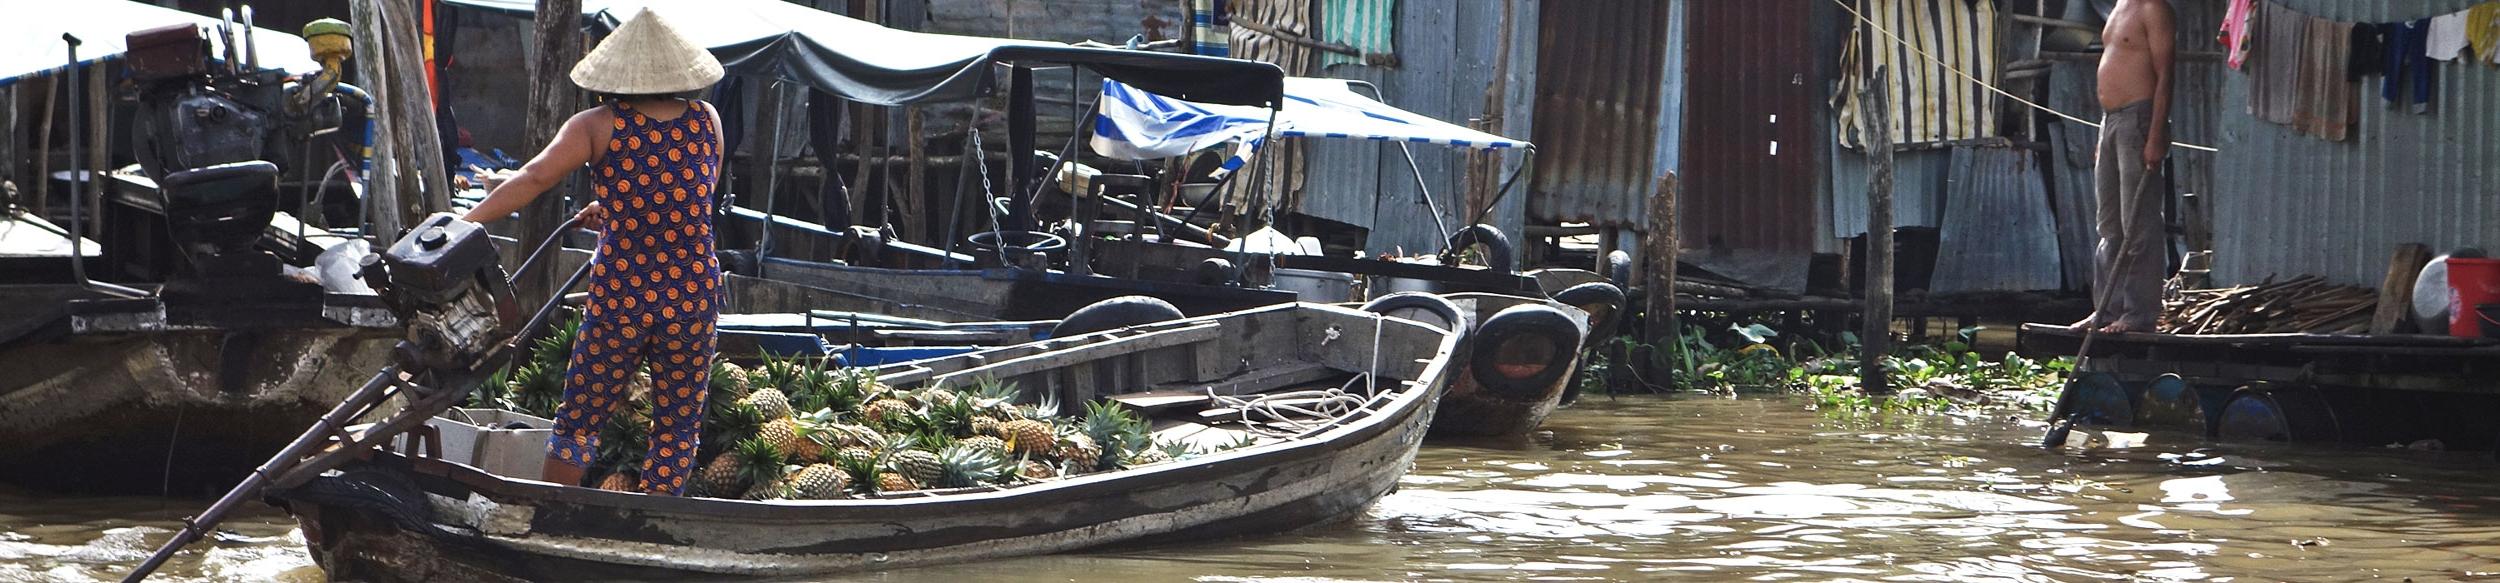 barque remplie d'ananas au marché flottant de Can Tho